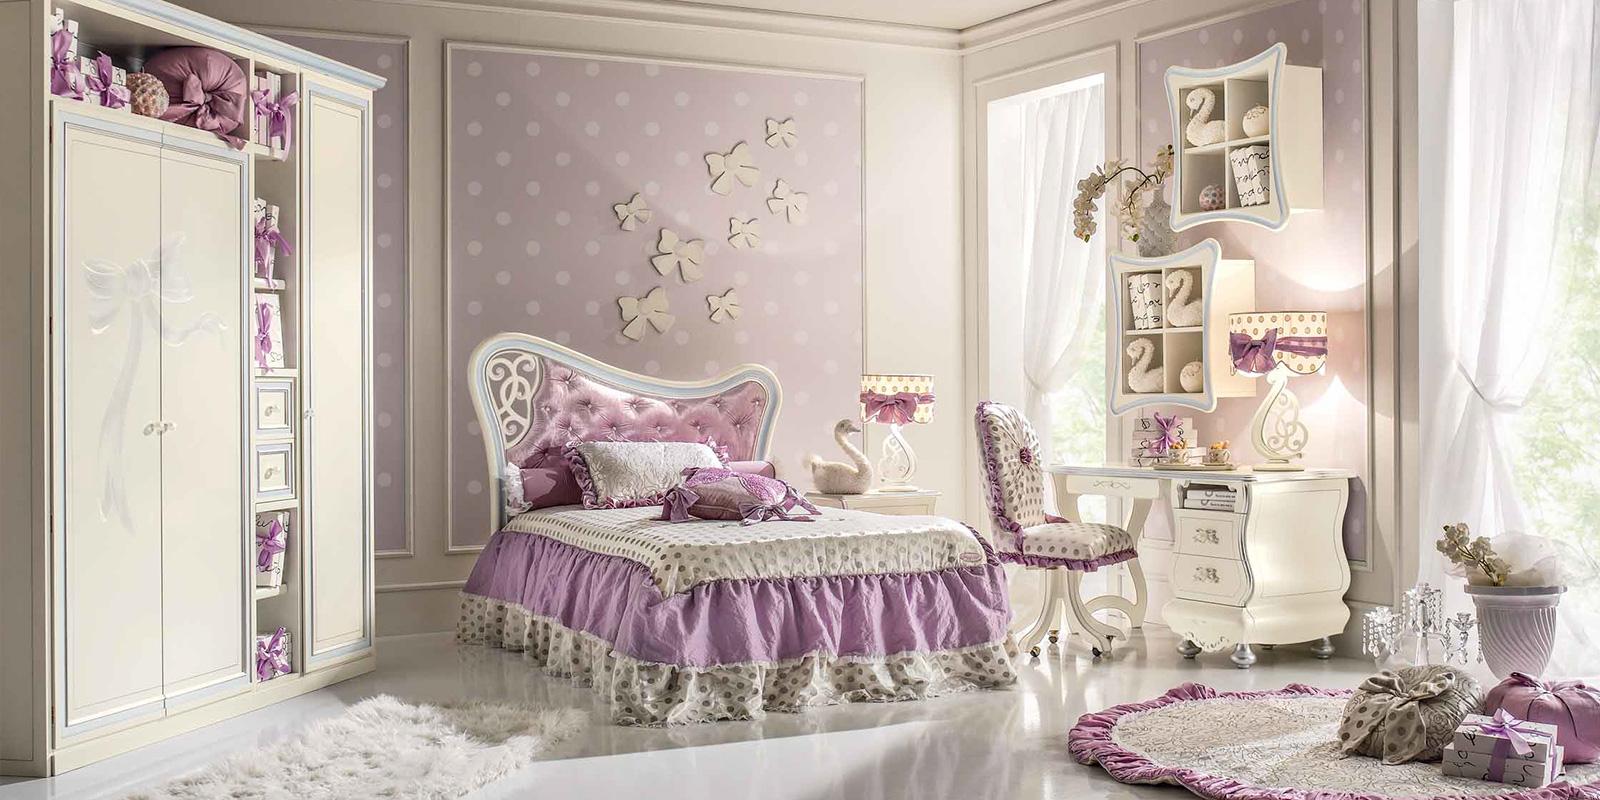 Salone del mobile 2015 fuorisalone design camerette for Camerette romantiche